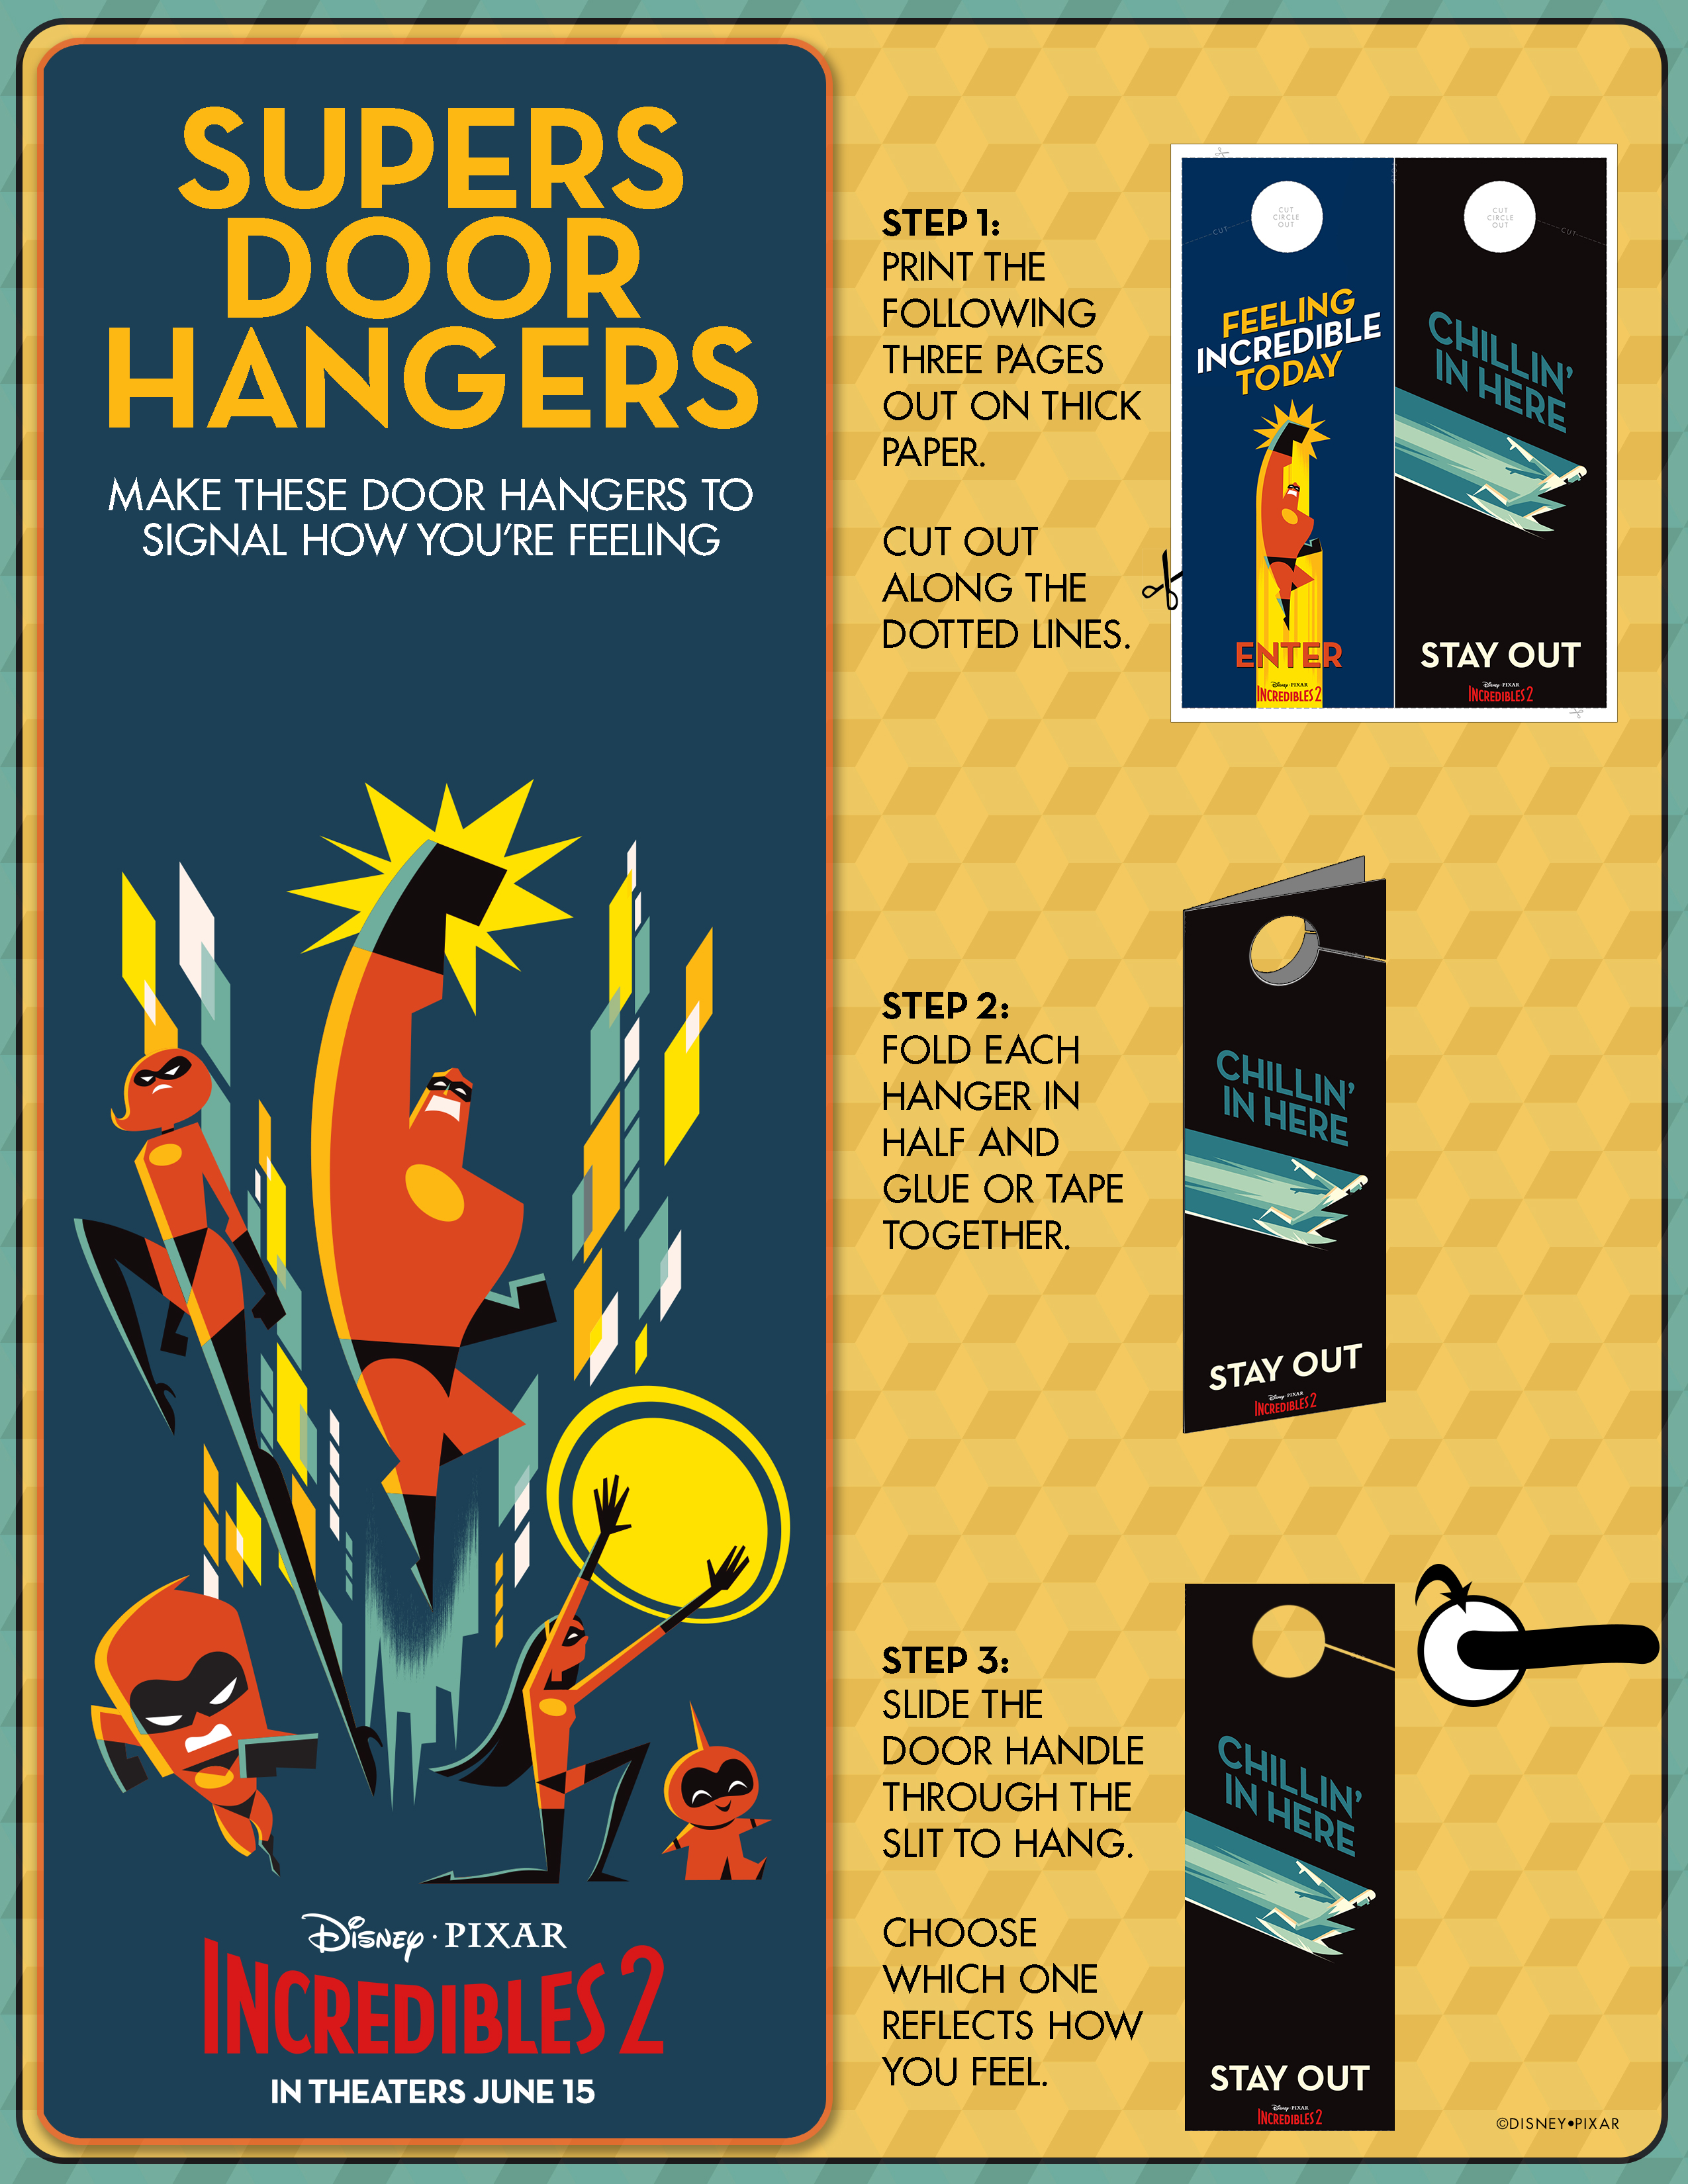 Supers Door Hangers